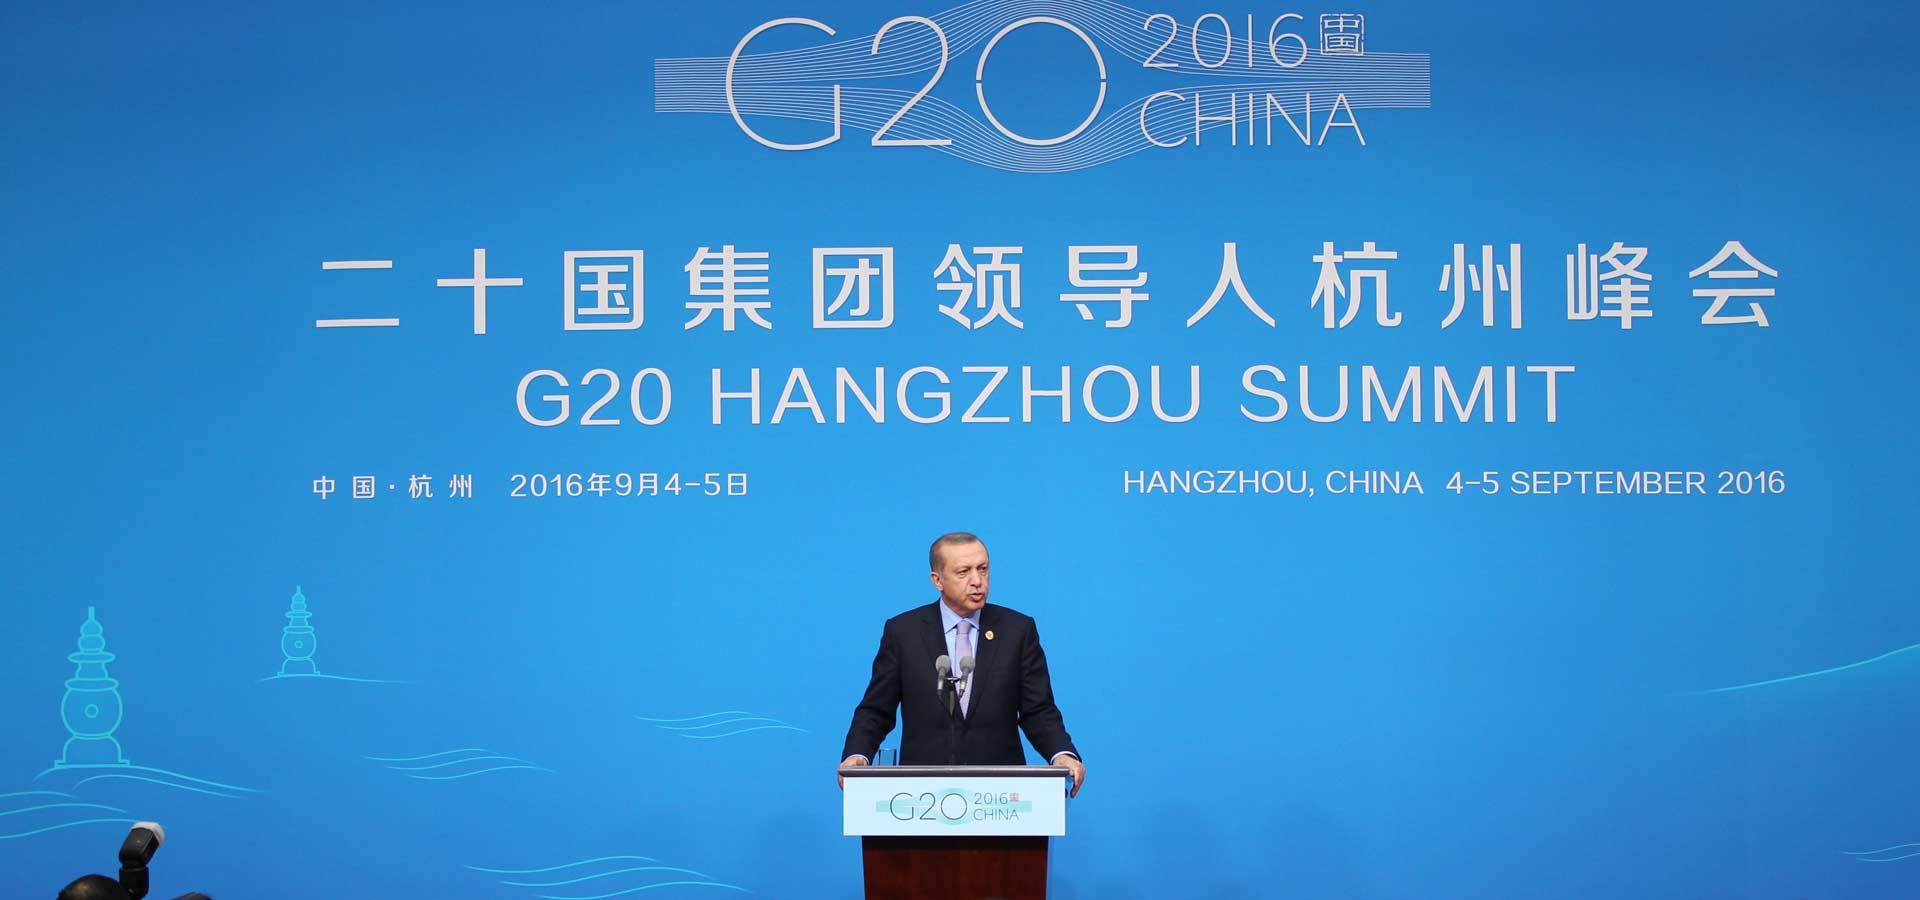 土耳其總統埃爾多安舉行新聞發布會